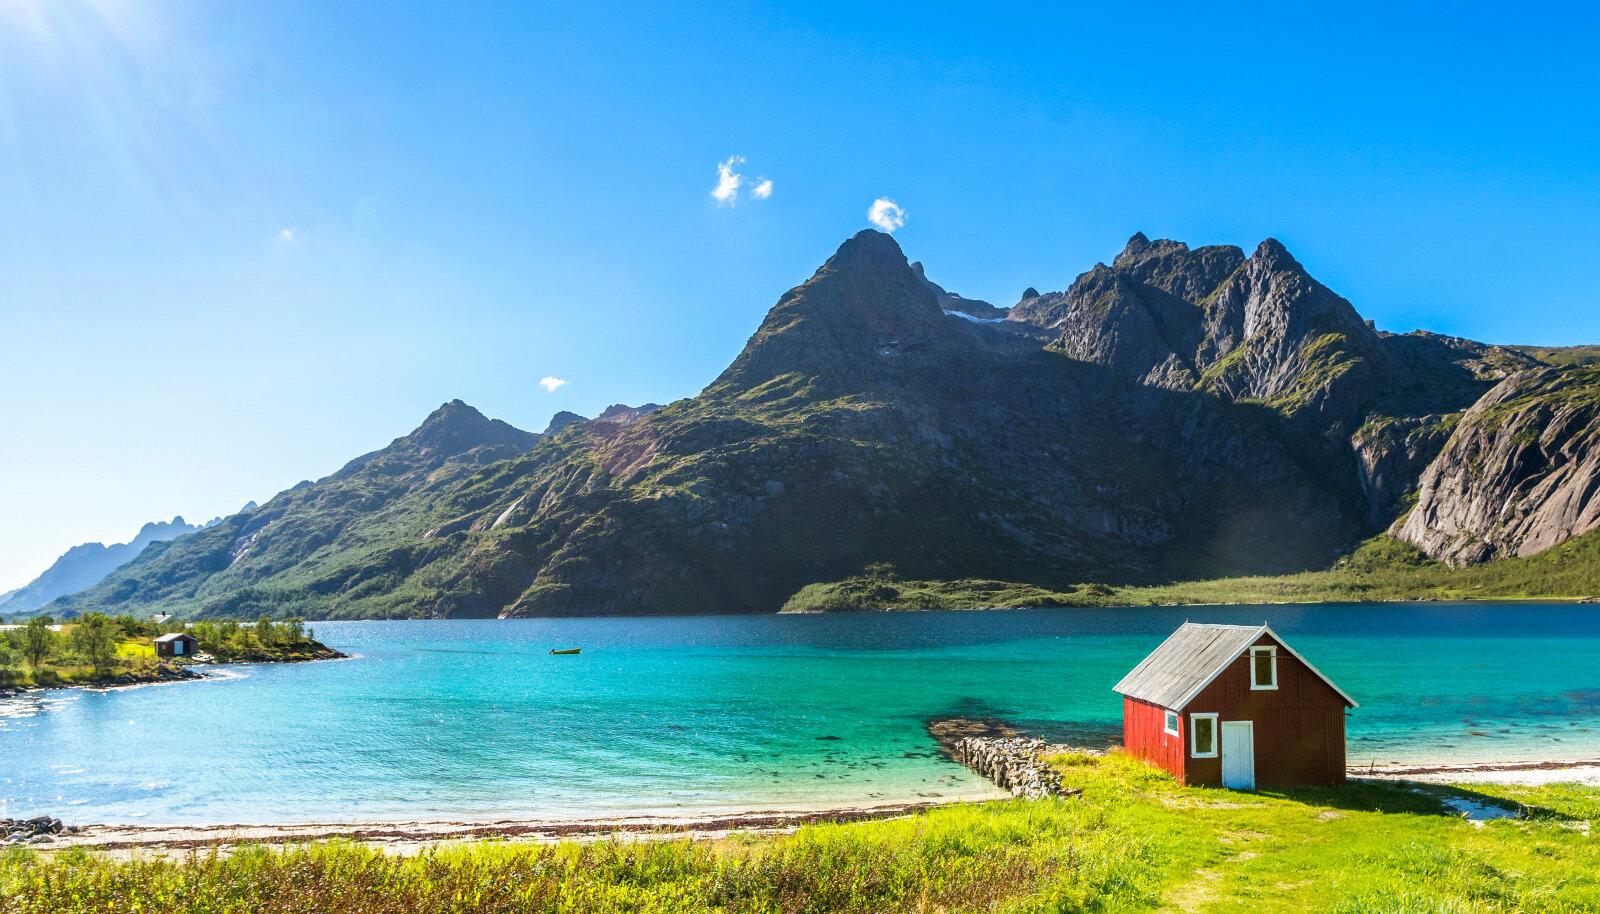 Imelisse Norrasse reisimiseks piisab 24 tundi enne reisi tehtud antigeeni testist